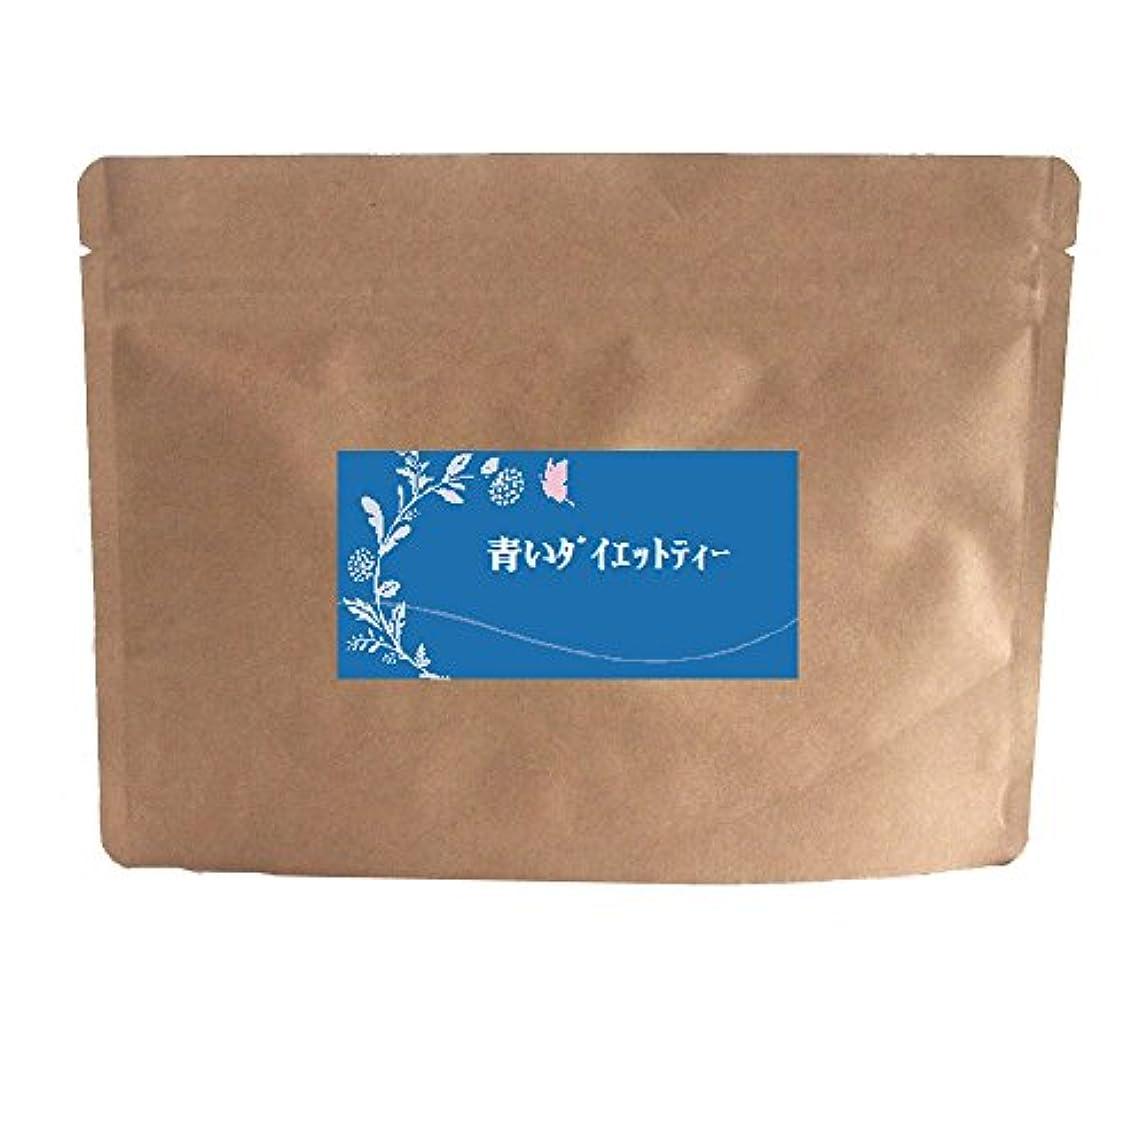 黒くする機関メタルライン青いダイエットティー156g バタフライピー 難消化性デキストリン ダイエットドリンク 粉末 パウダー